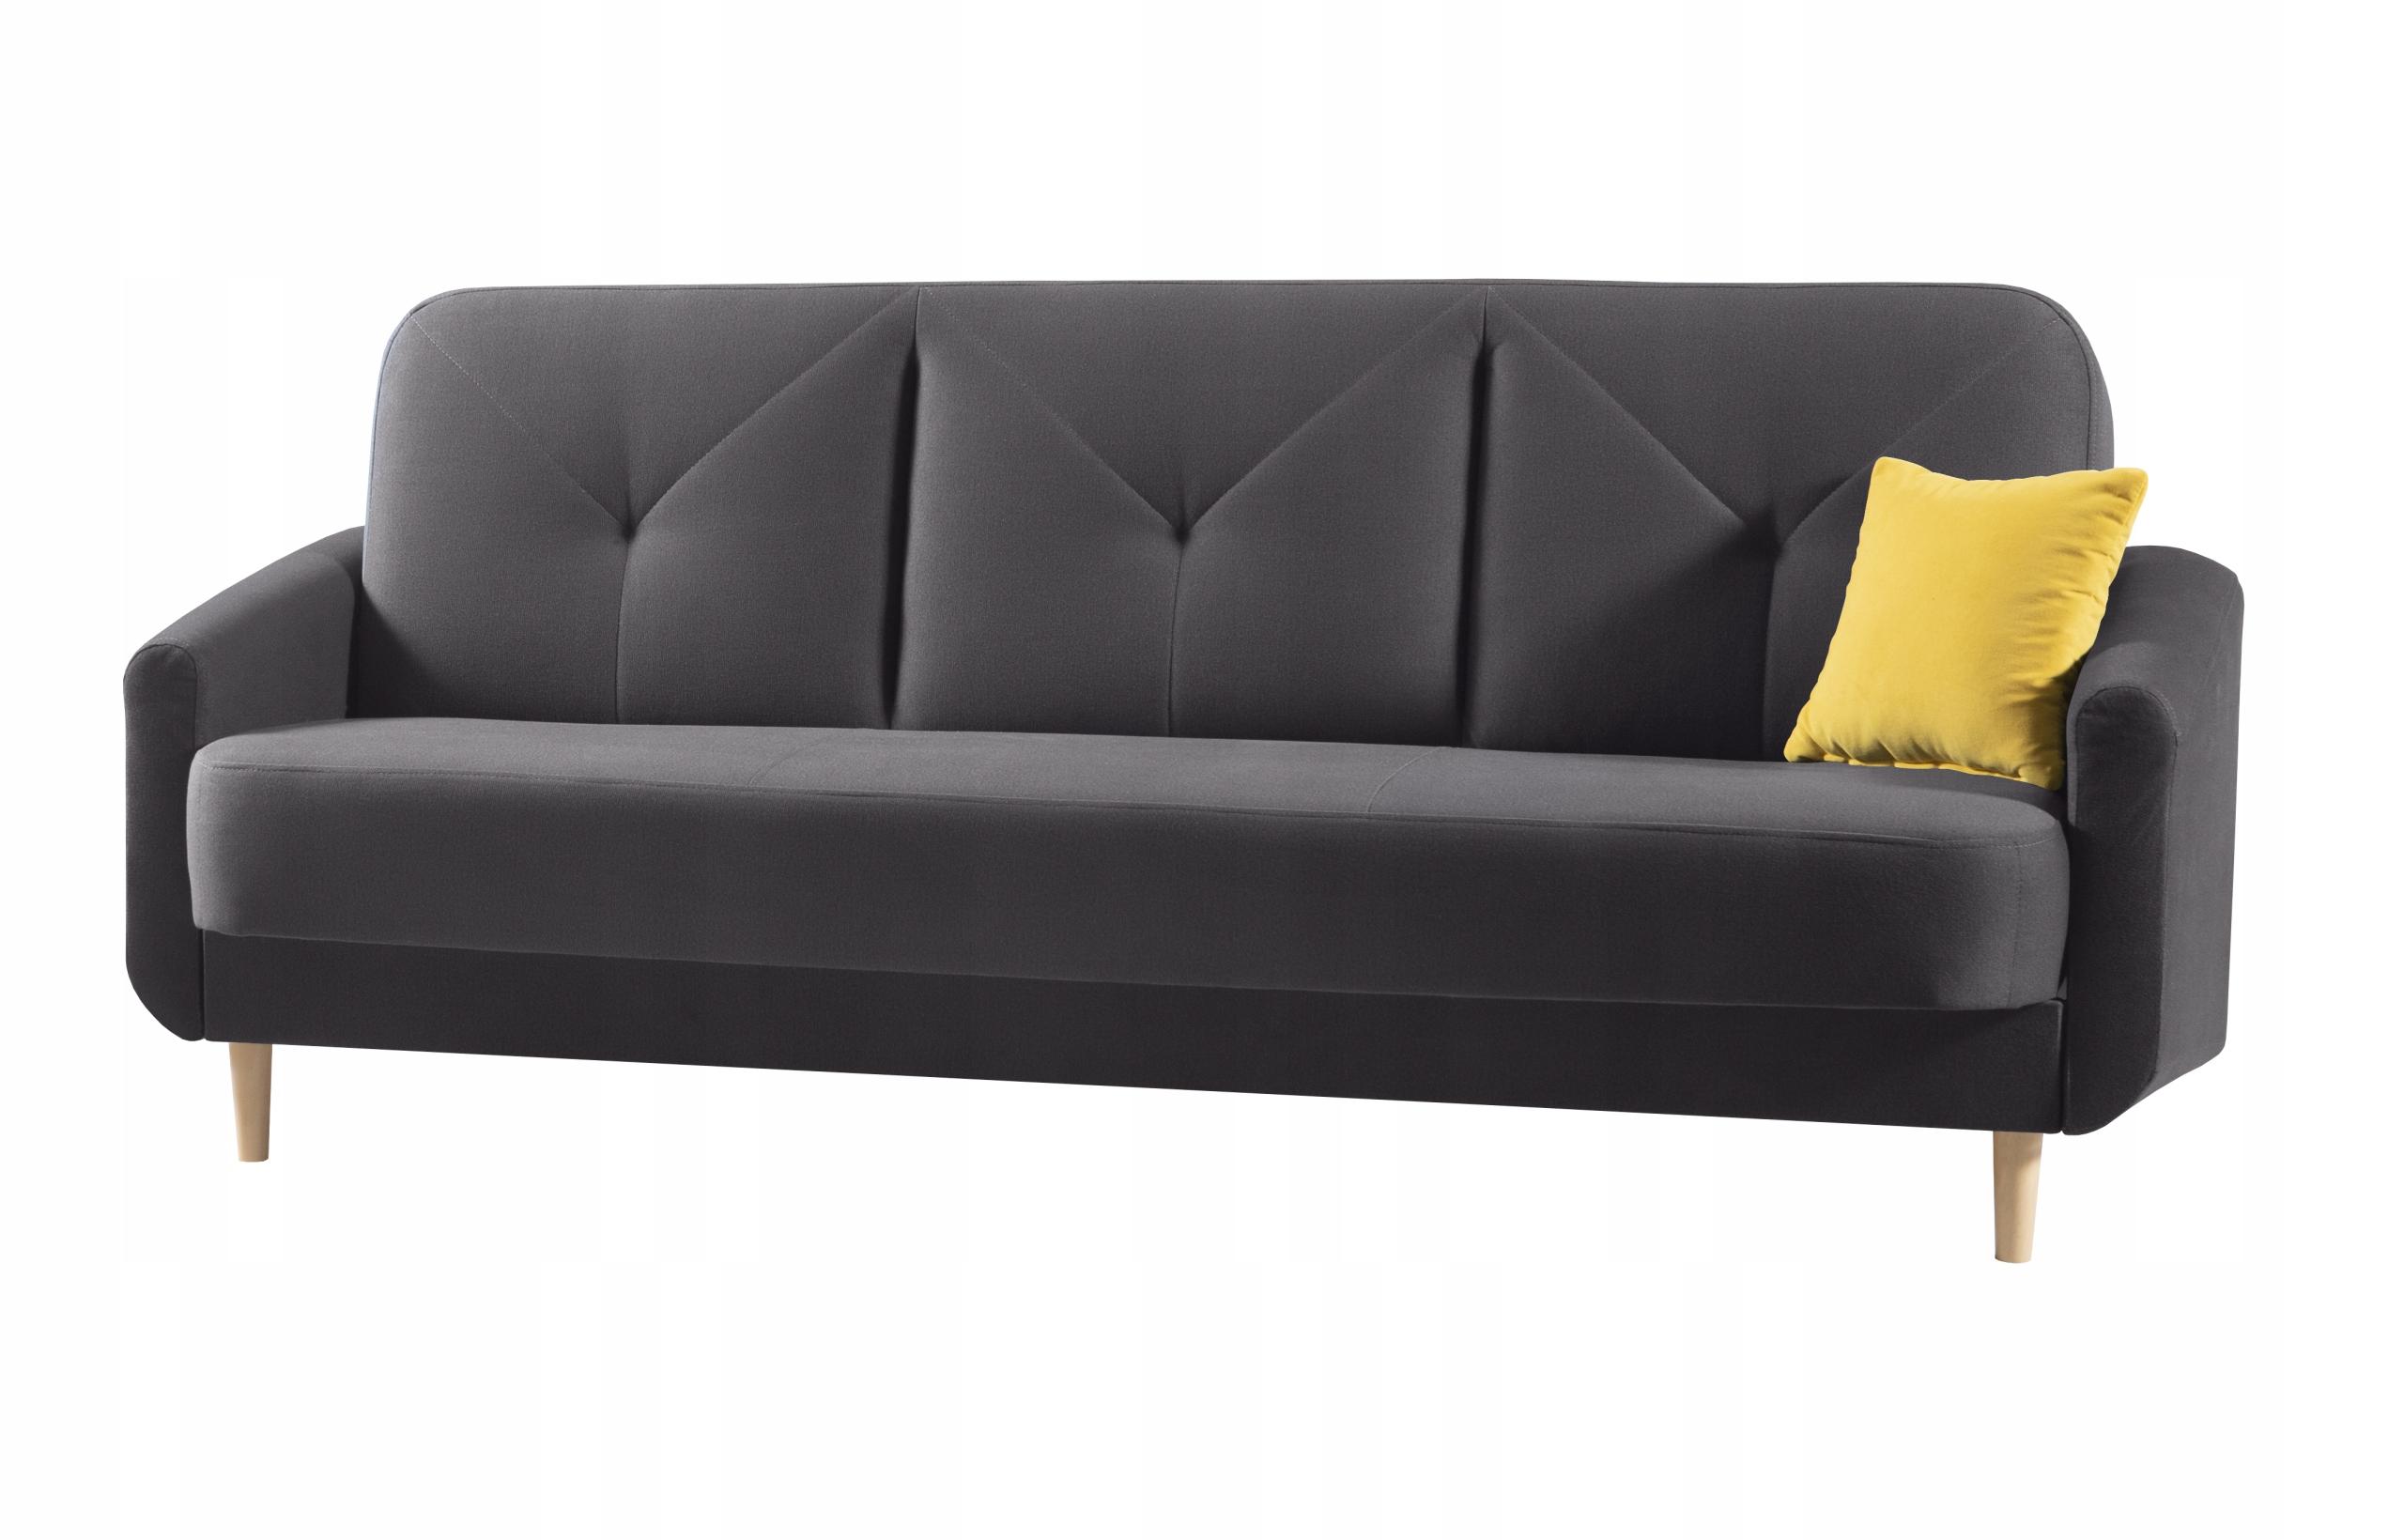 Bequemes Schlafsofa DIXI f. Schlaf - Farben - Holz Die Tiefe der Möbel 97 cm